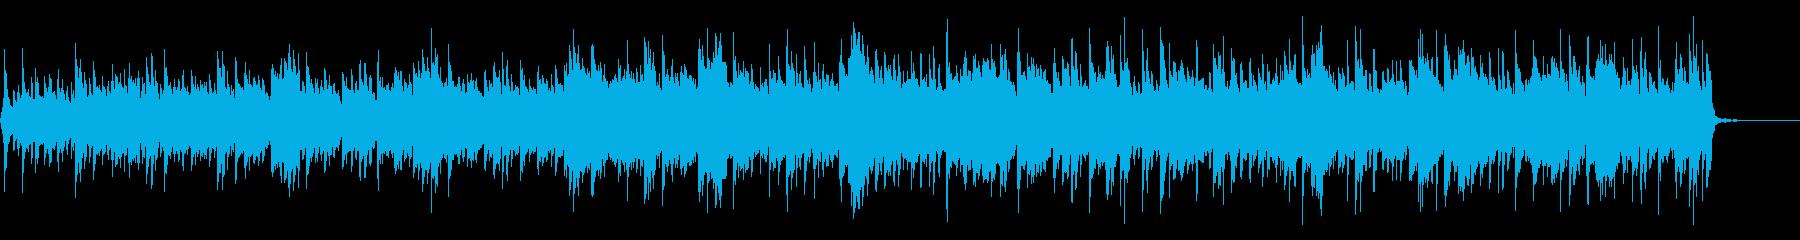 エレクトロなループと儚いギターの生演奏の再生済みの波形